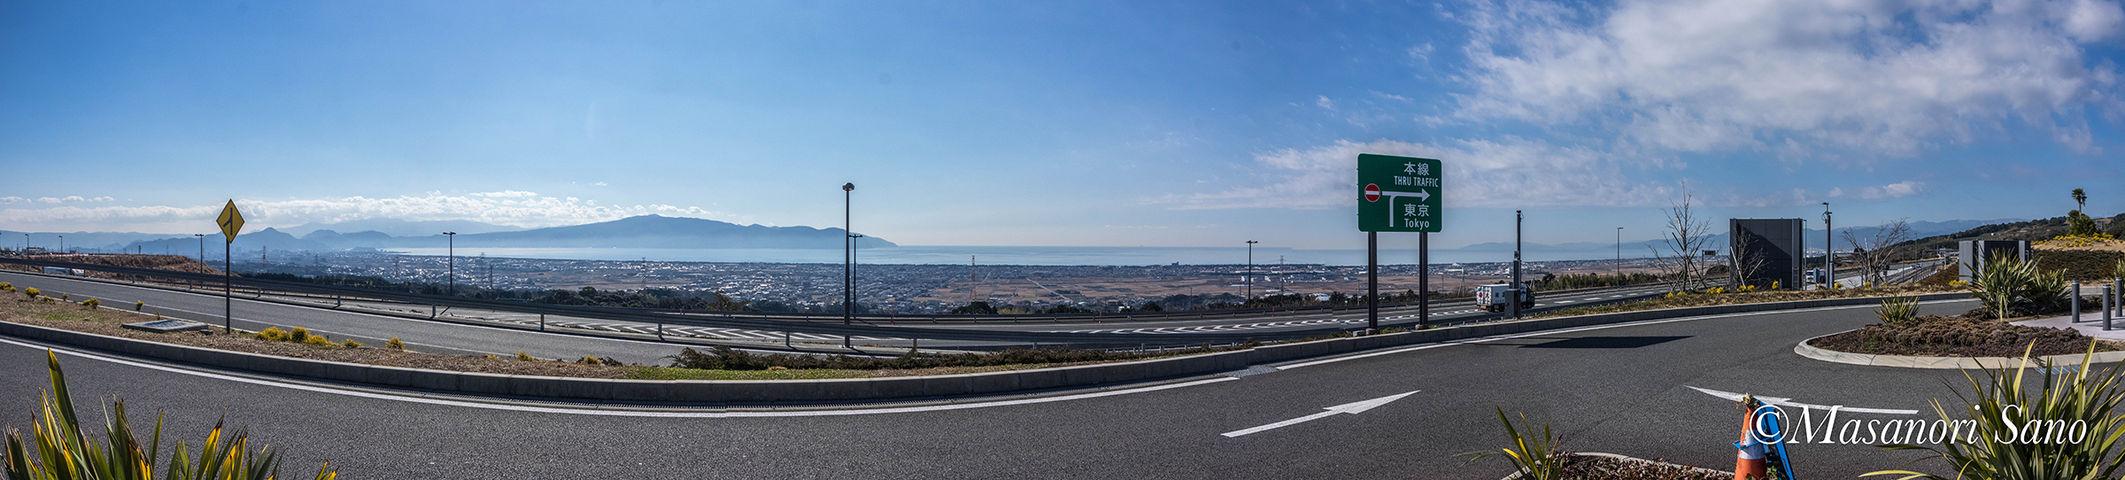 沼津-Pano2400